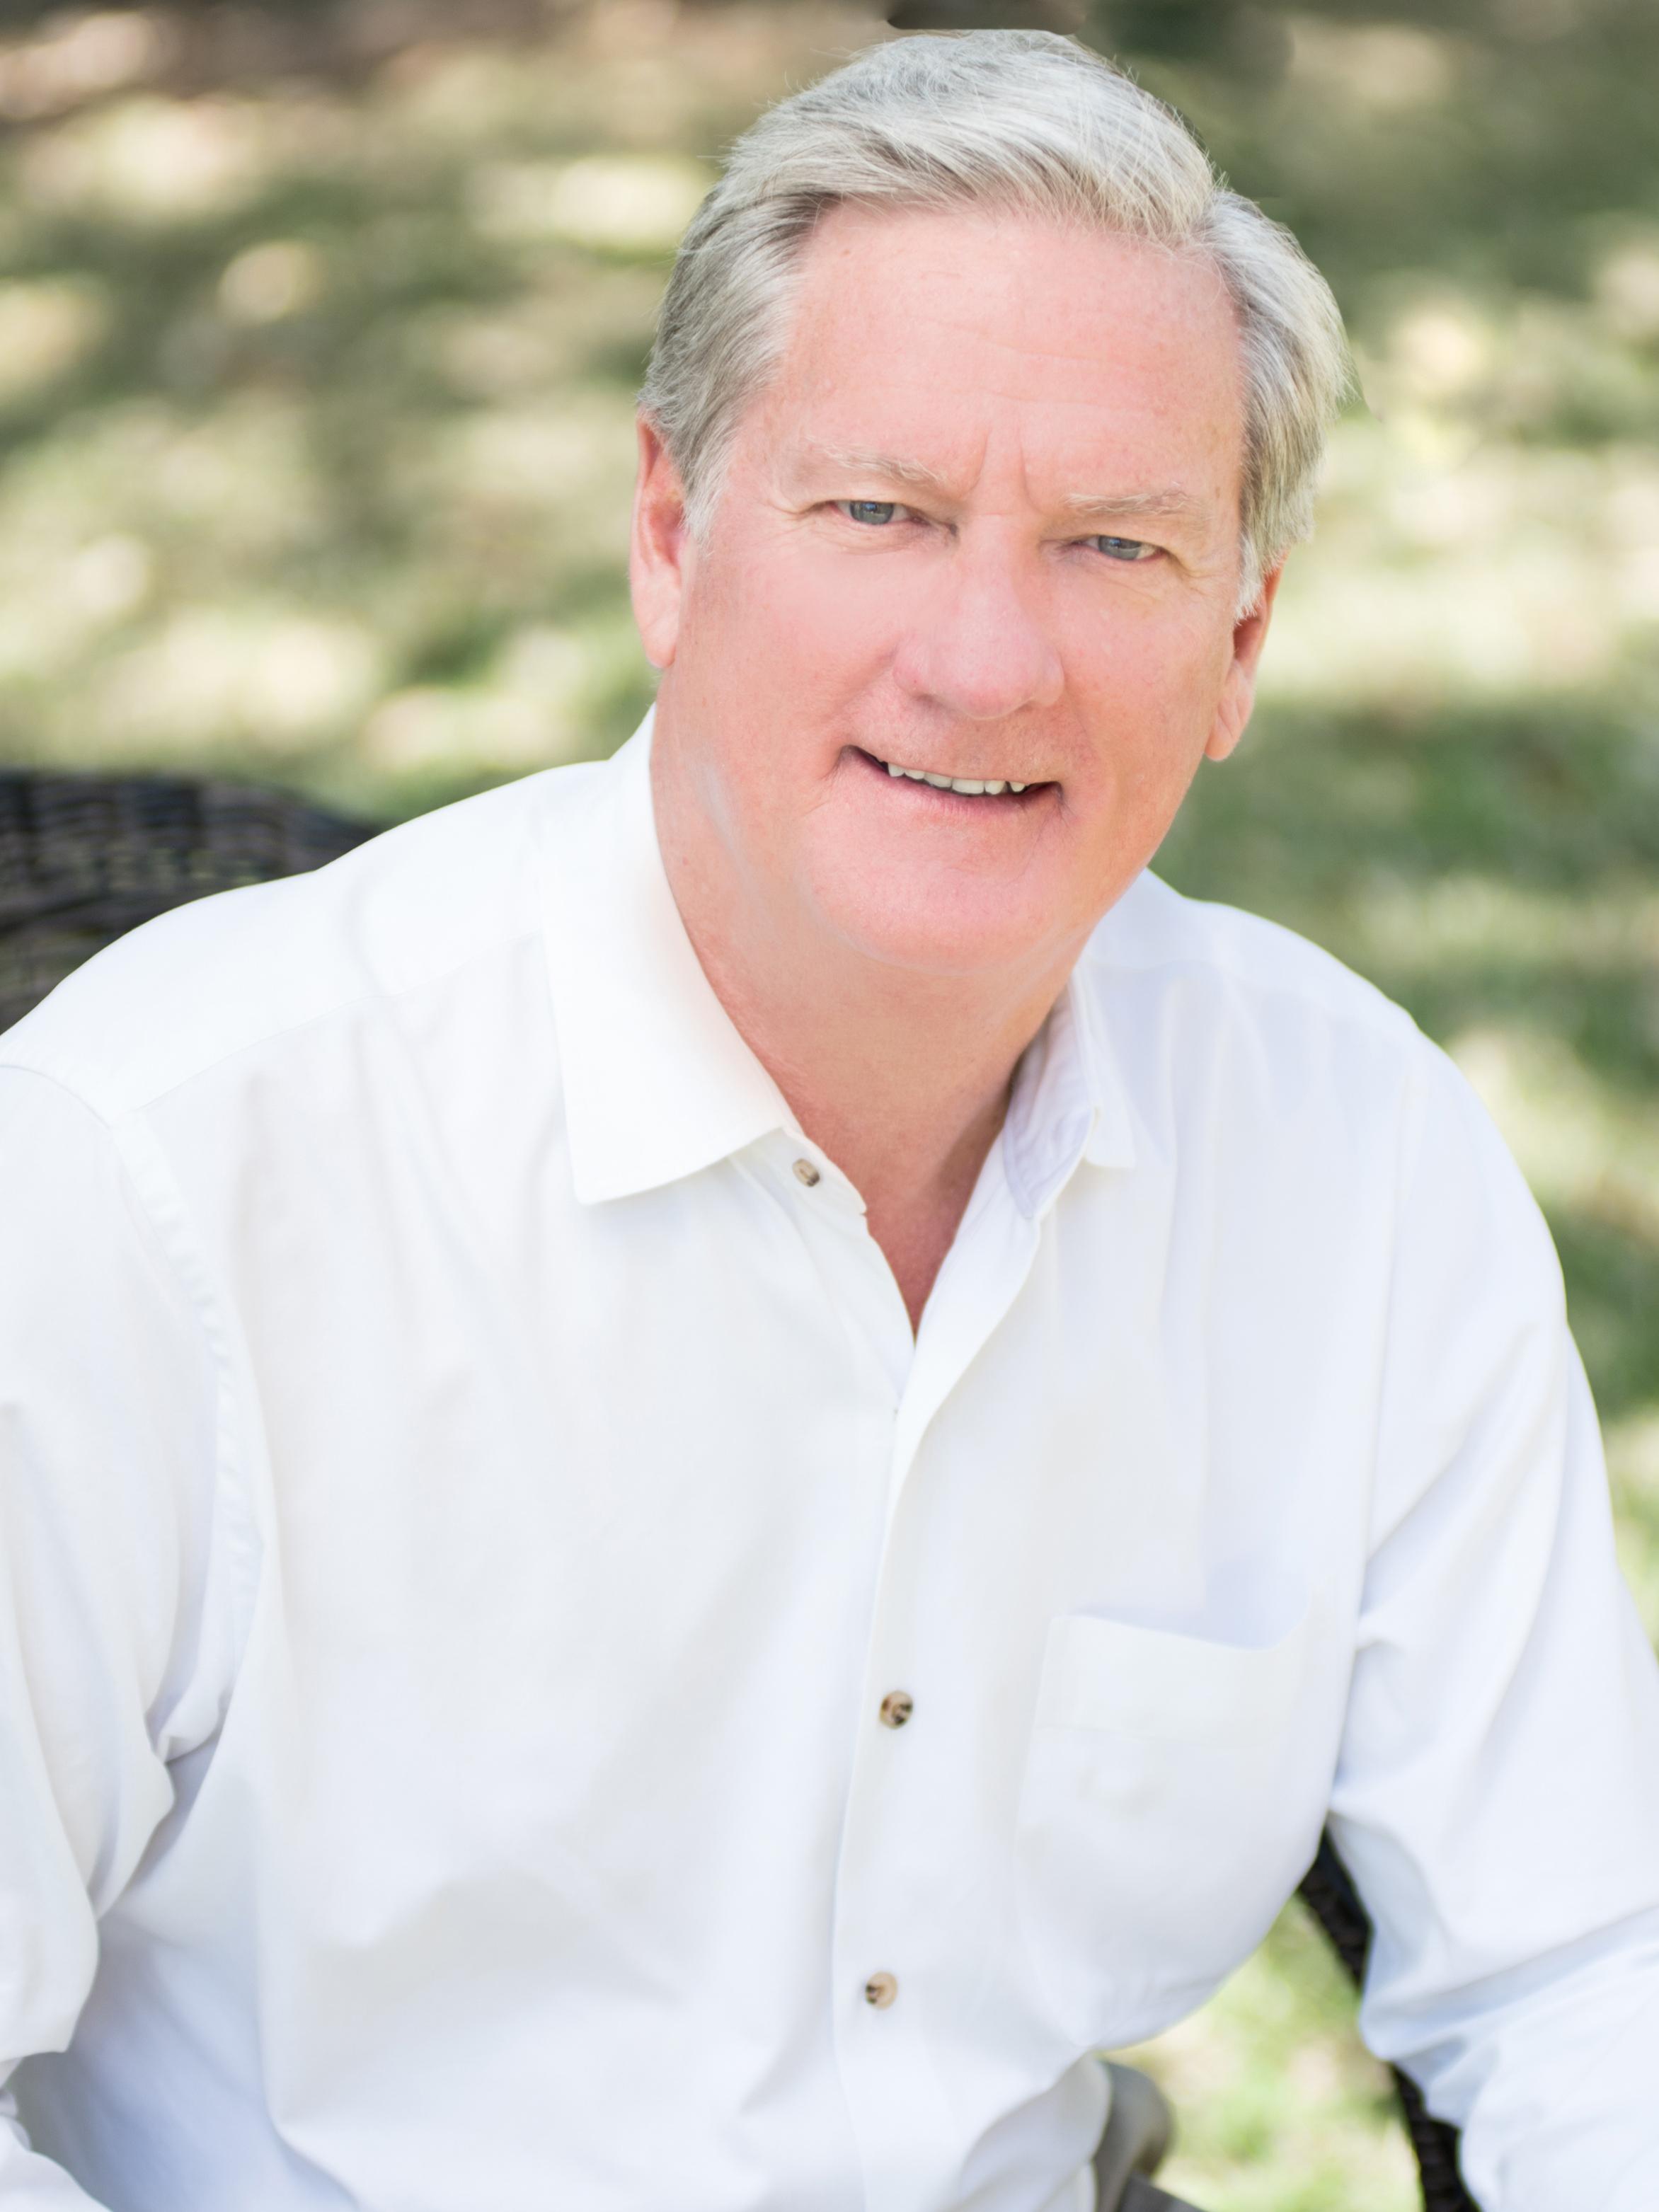 Rick Kuper